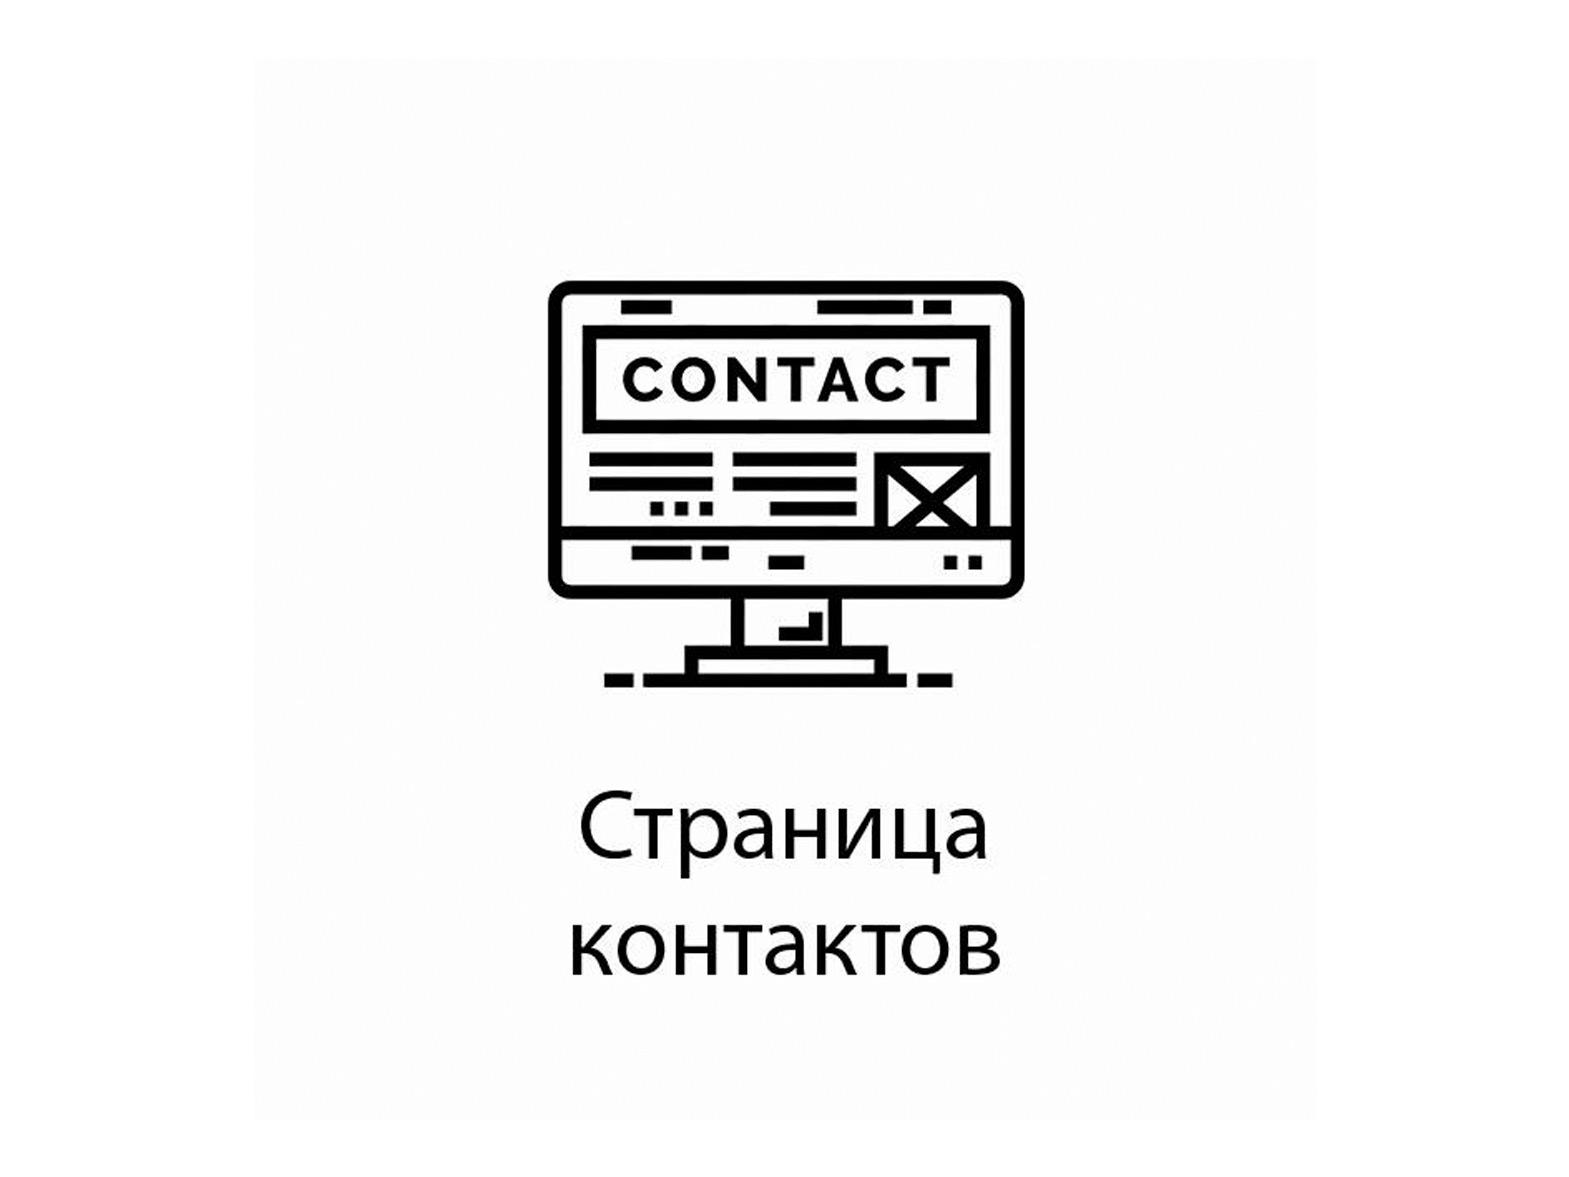 Адрес добавил, телефон в шапке указан. Что еще писать на странице контактов?